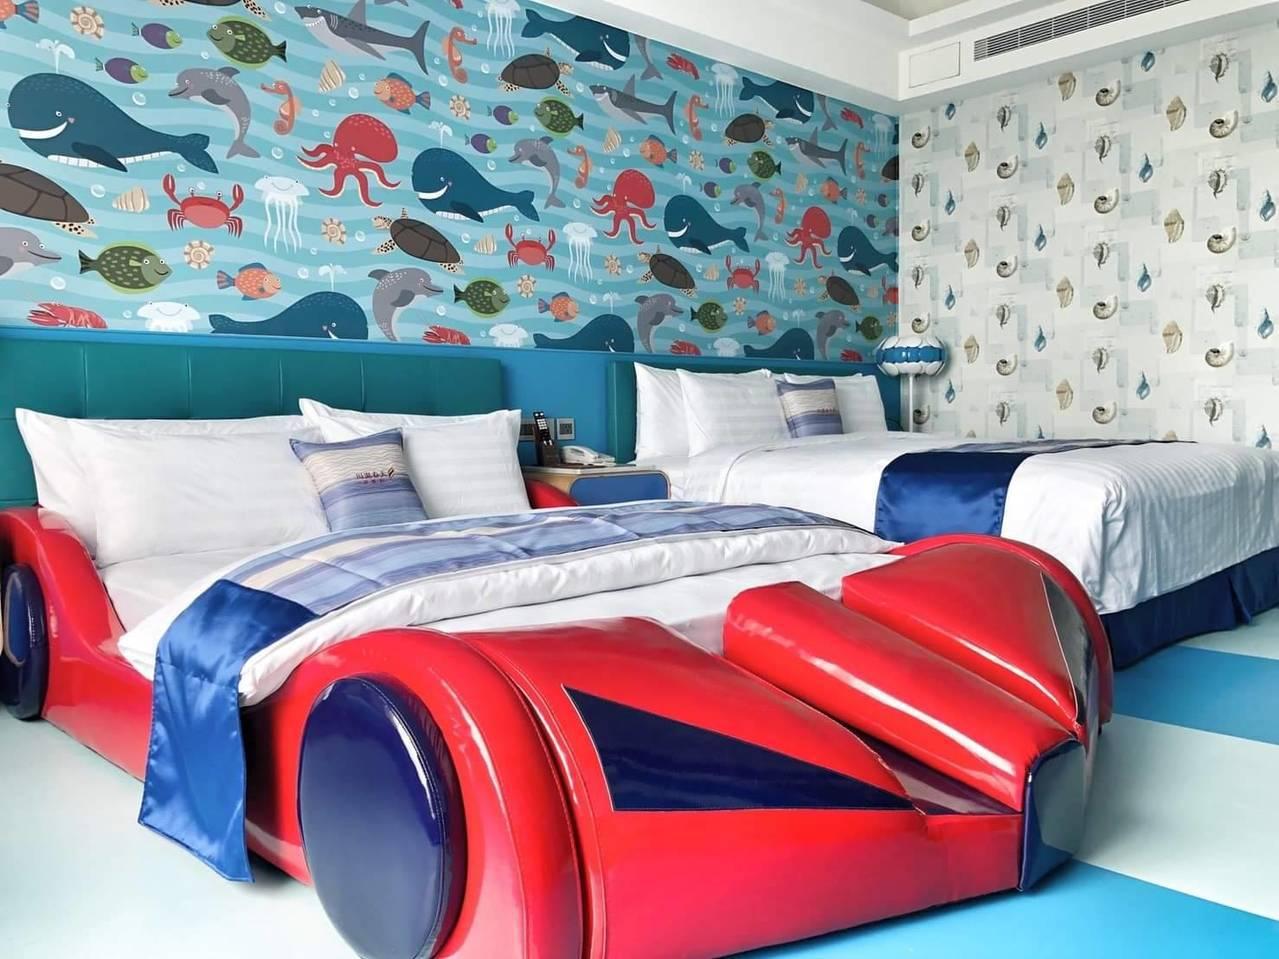 礁溪新飯店川湯春天旗艦館的超跑主題房,鮮豔亮麗,小男孩最愛。圖/飯店提供